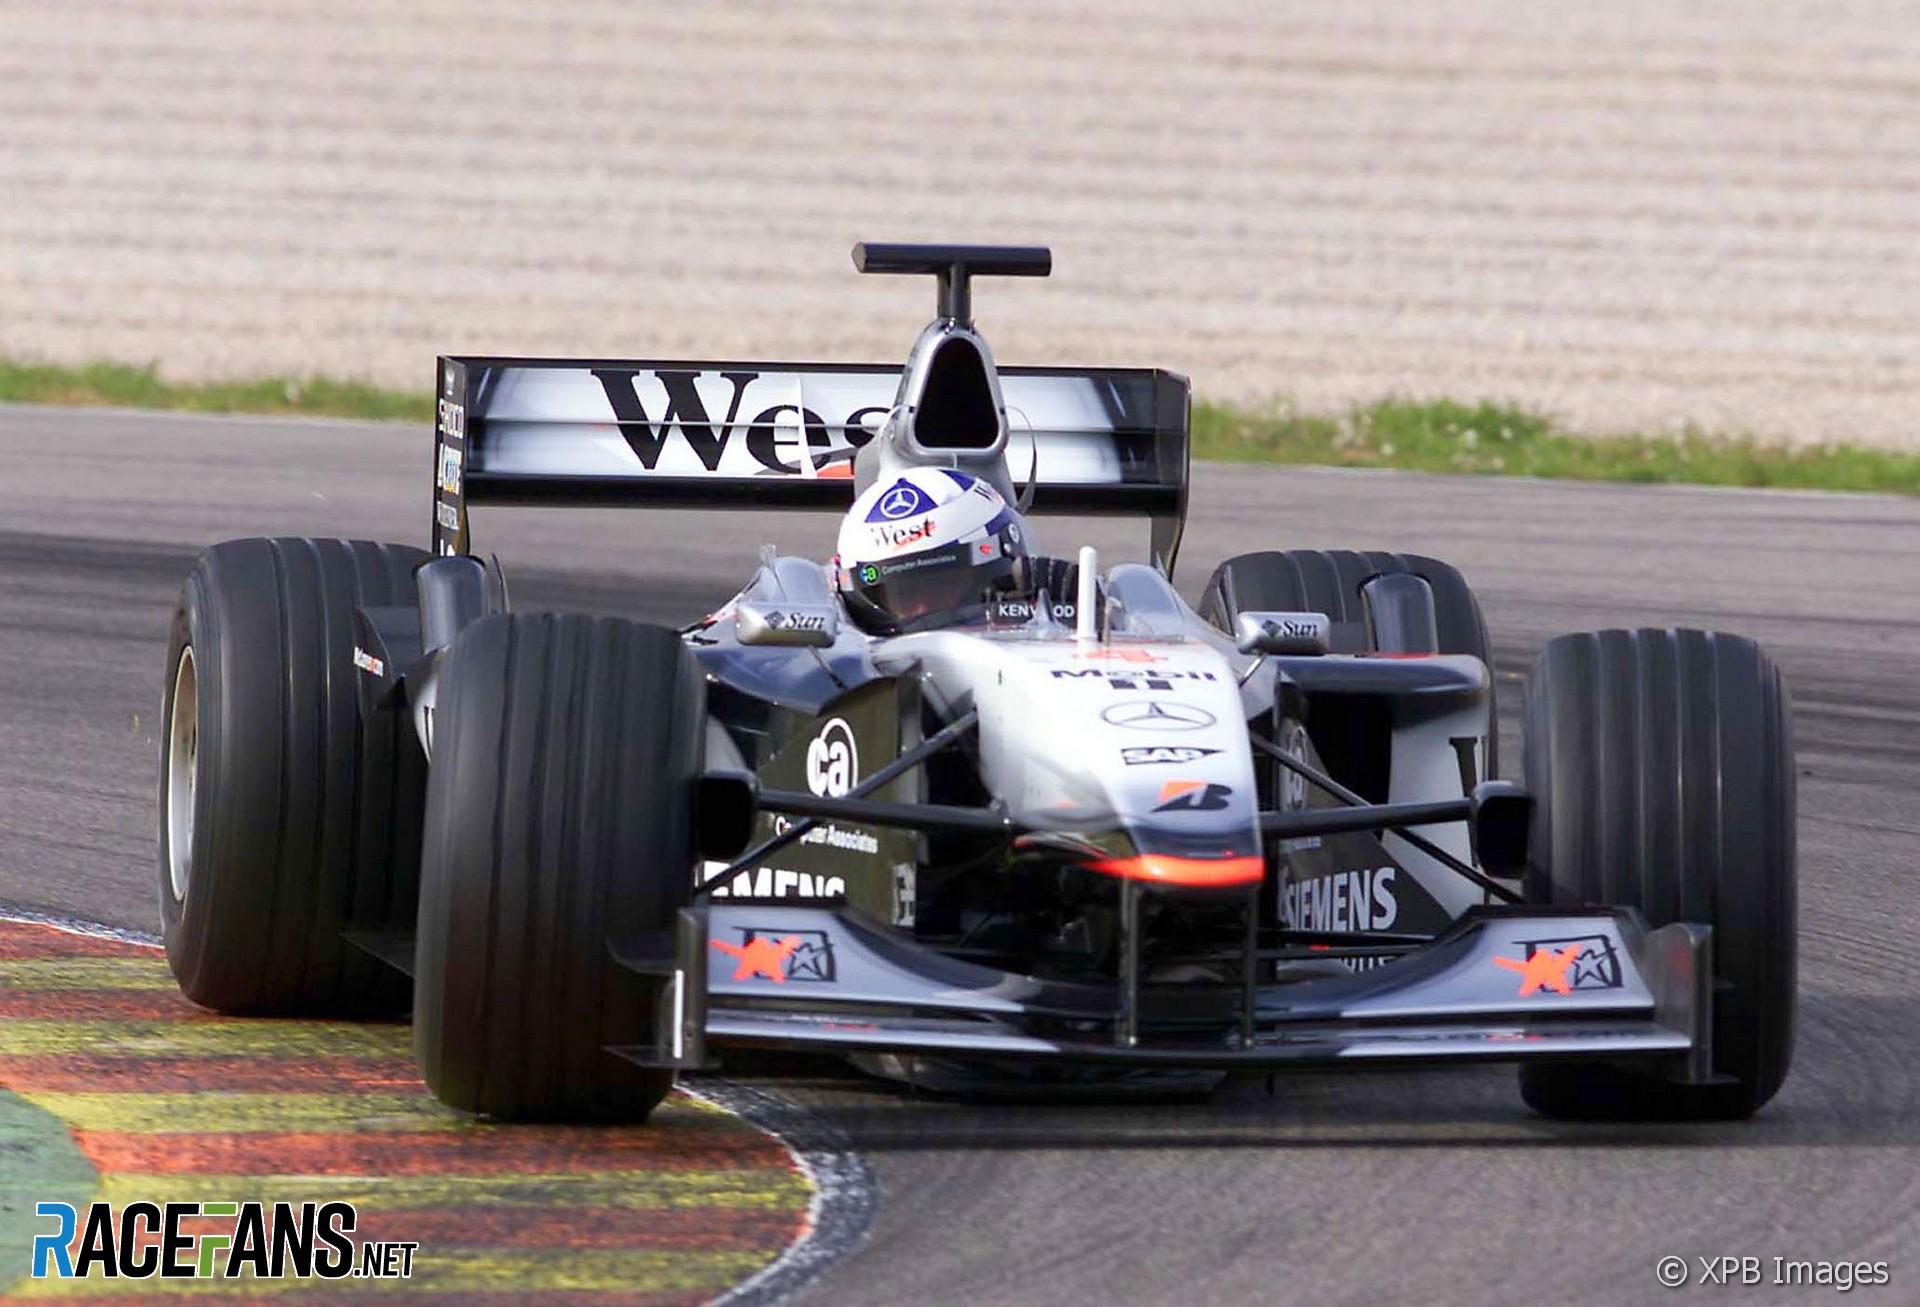 Mika Hakkinen, McLaren, Valencia, 2001